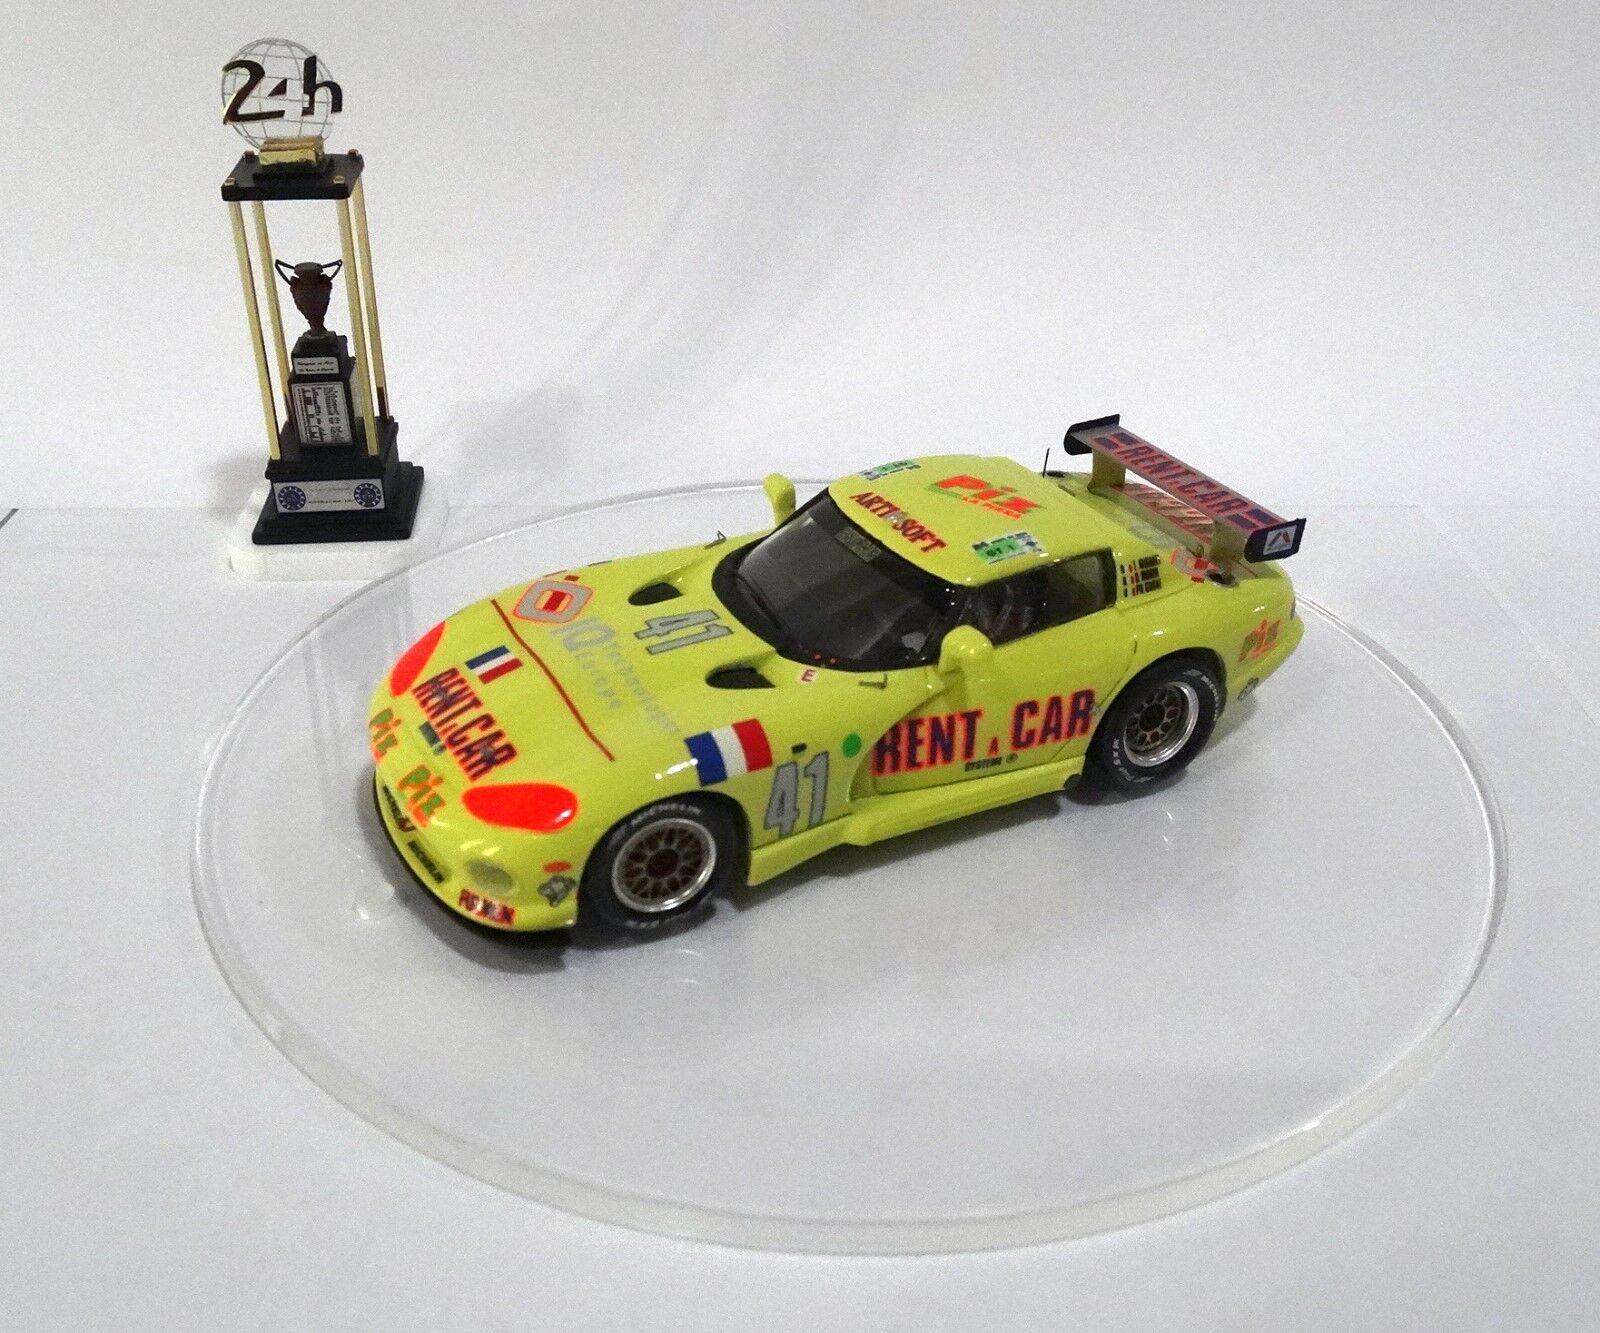 Dodge Viper HT Le Mans 1994 Built Balloon Kit 1 43 No Spark Minichamps top